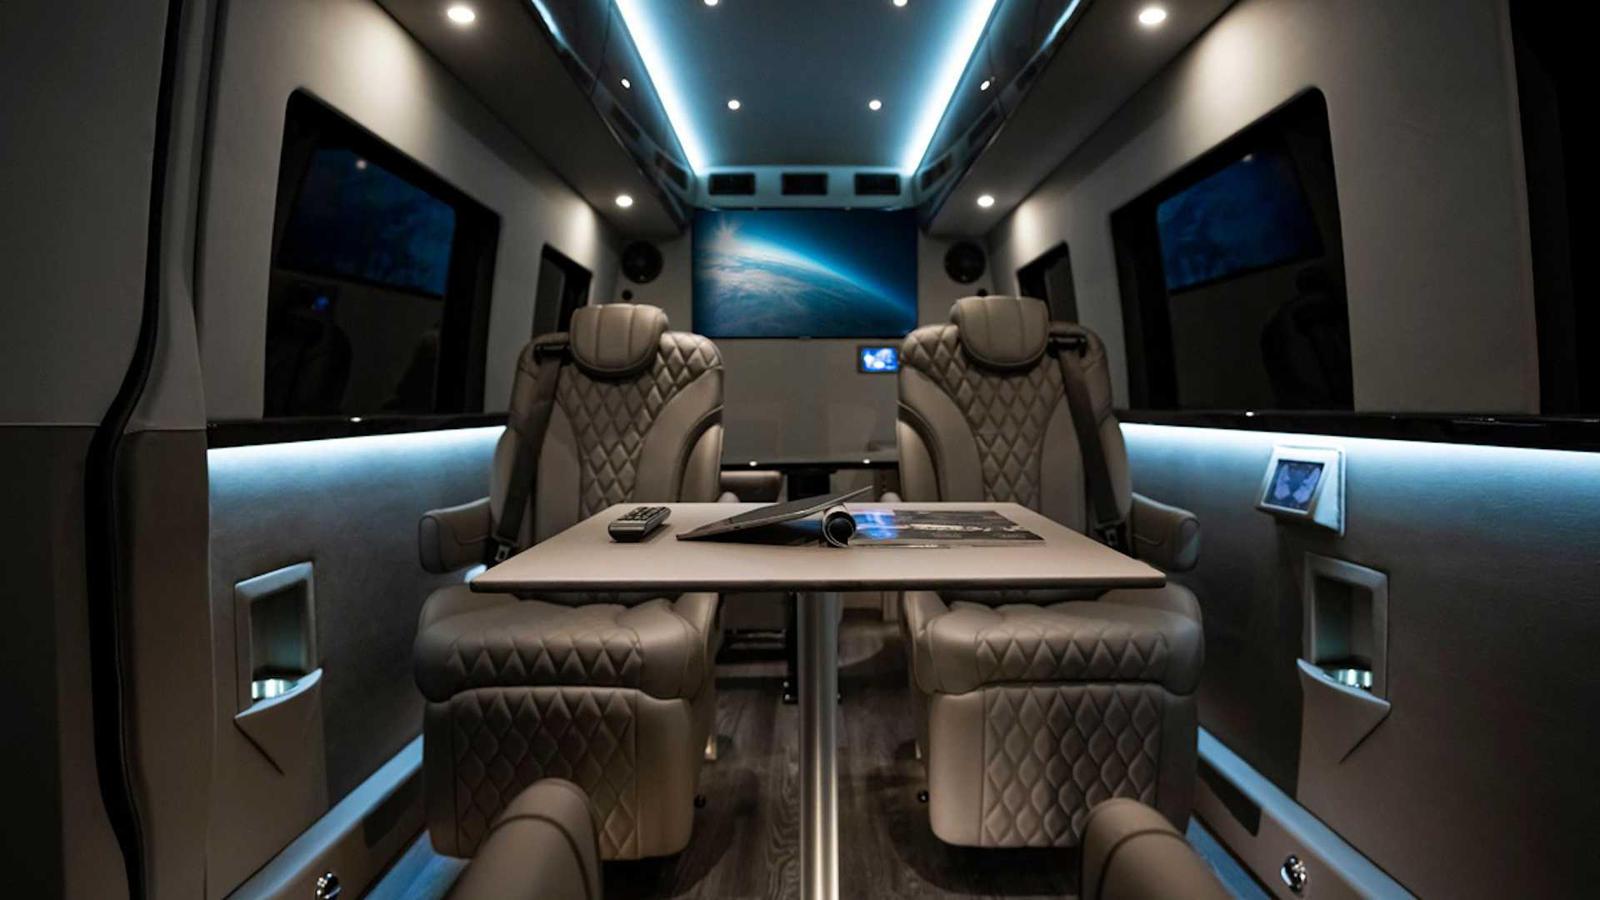 Пятое место получило L-образный стол с таким же изысканным креслом. Естественно, есть различные розетки для ноутбуков и т. д., а 45-дюймовые Smart TV с умными подключениями крепятся к стенам. Есть даже домофон между водителем и «офисом», трехзонный к